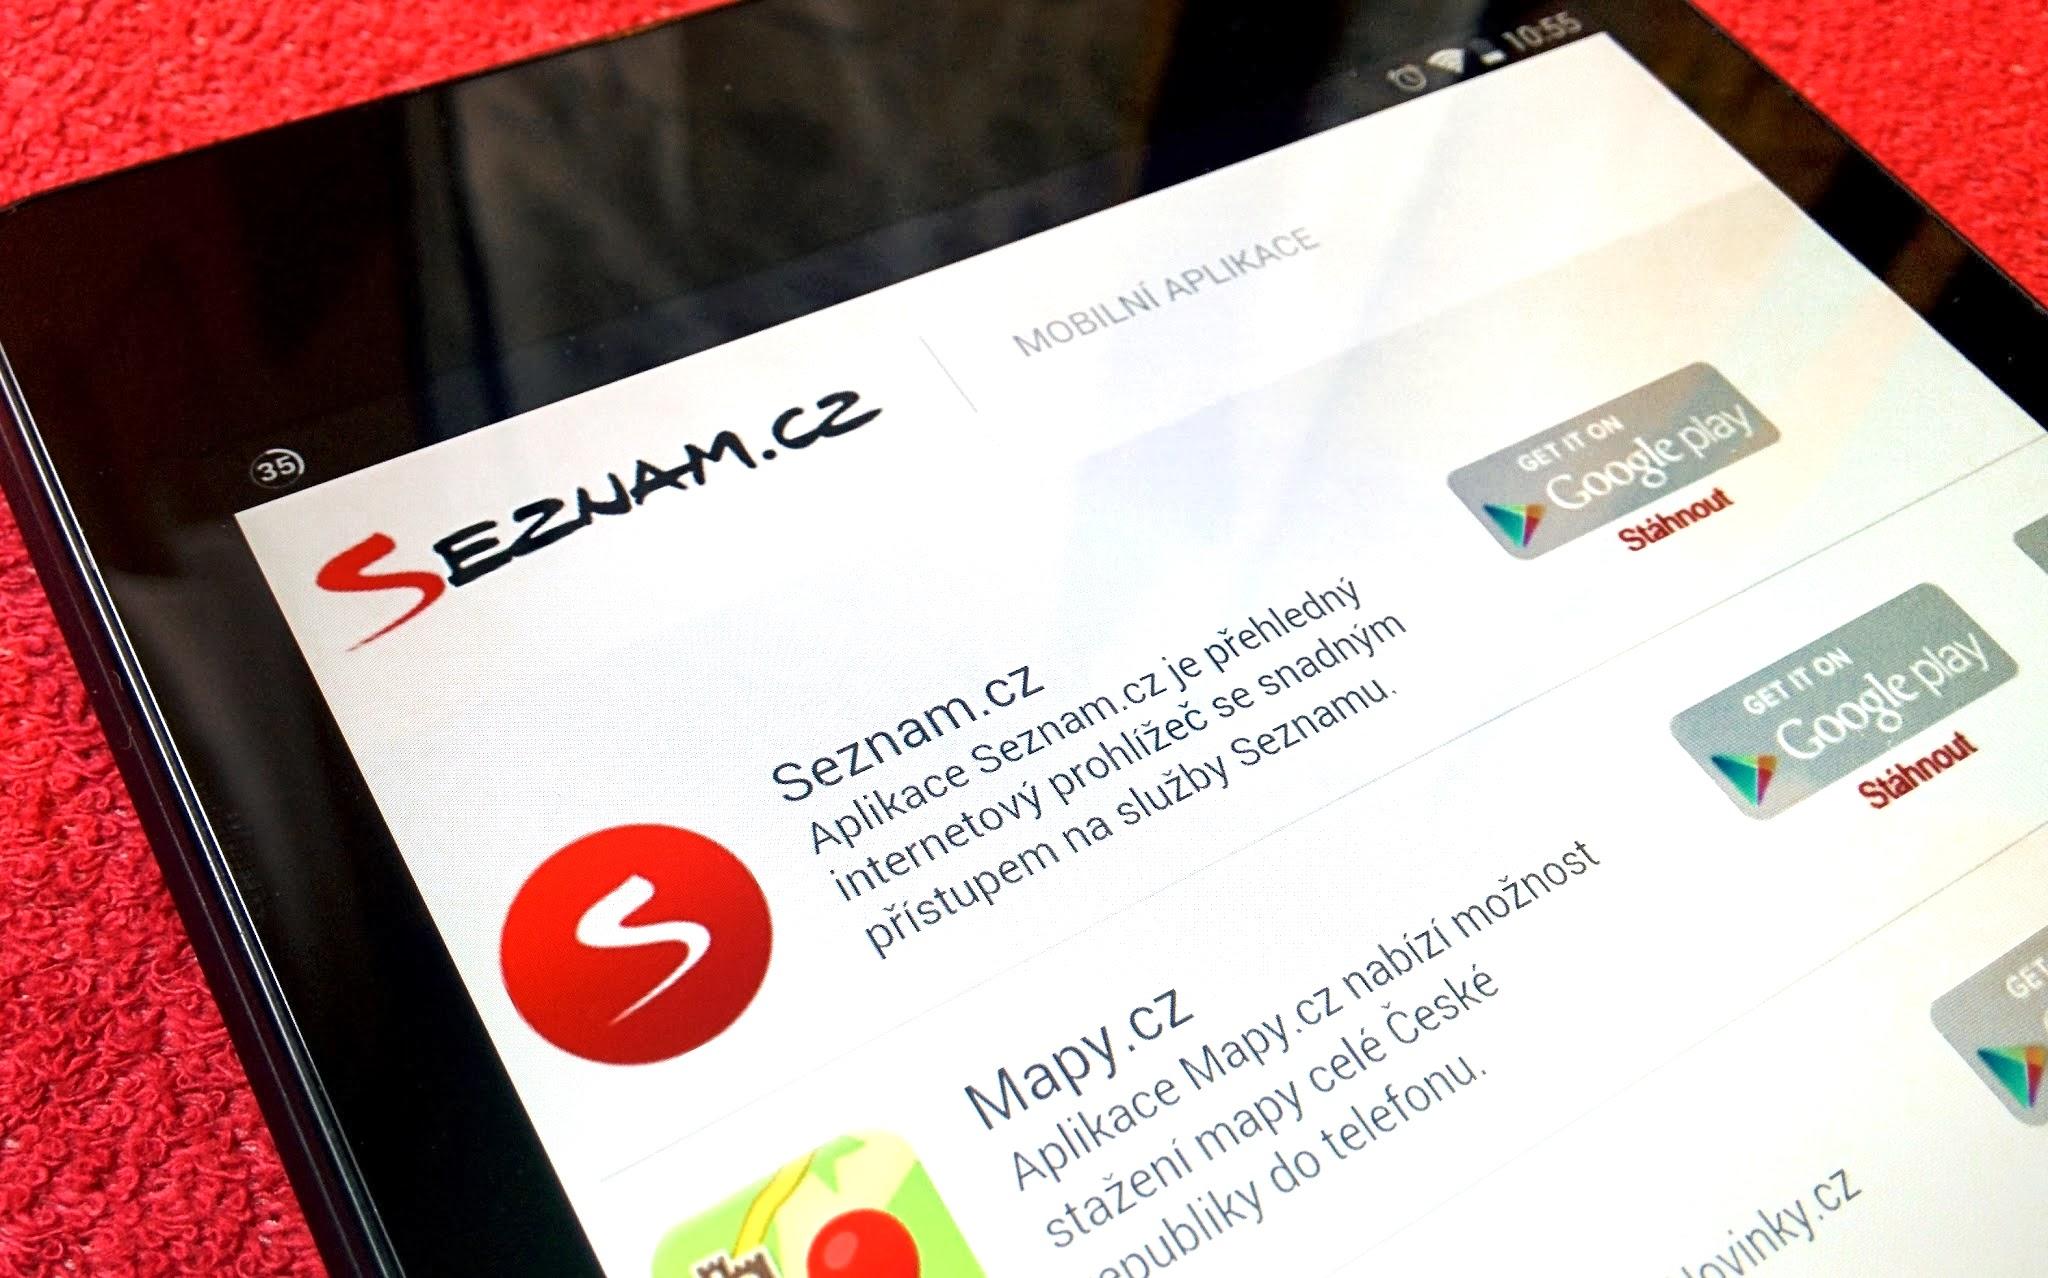 Seznam.cz rozšiřuje spolupráci s výrobci smartphonů a tabletů